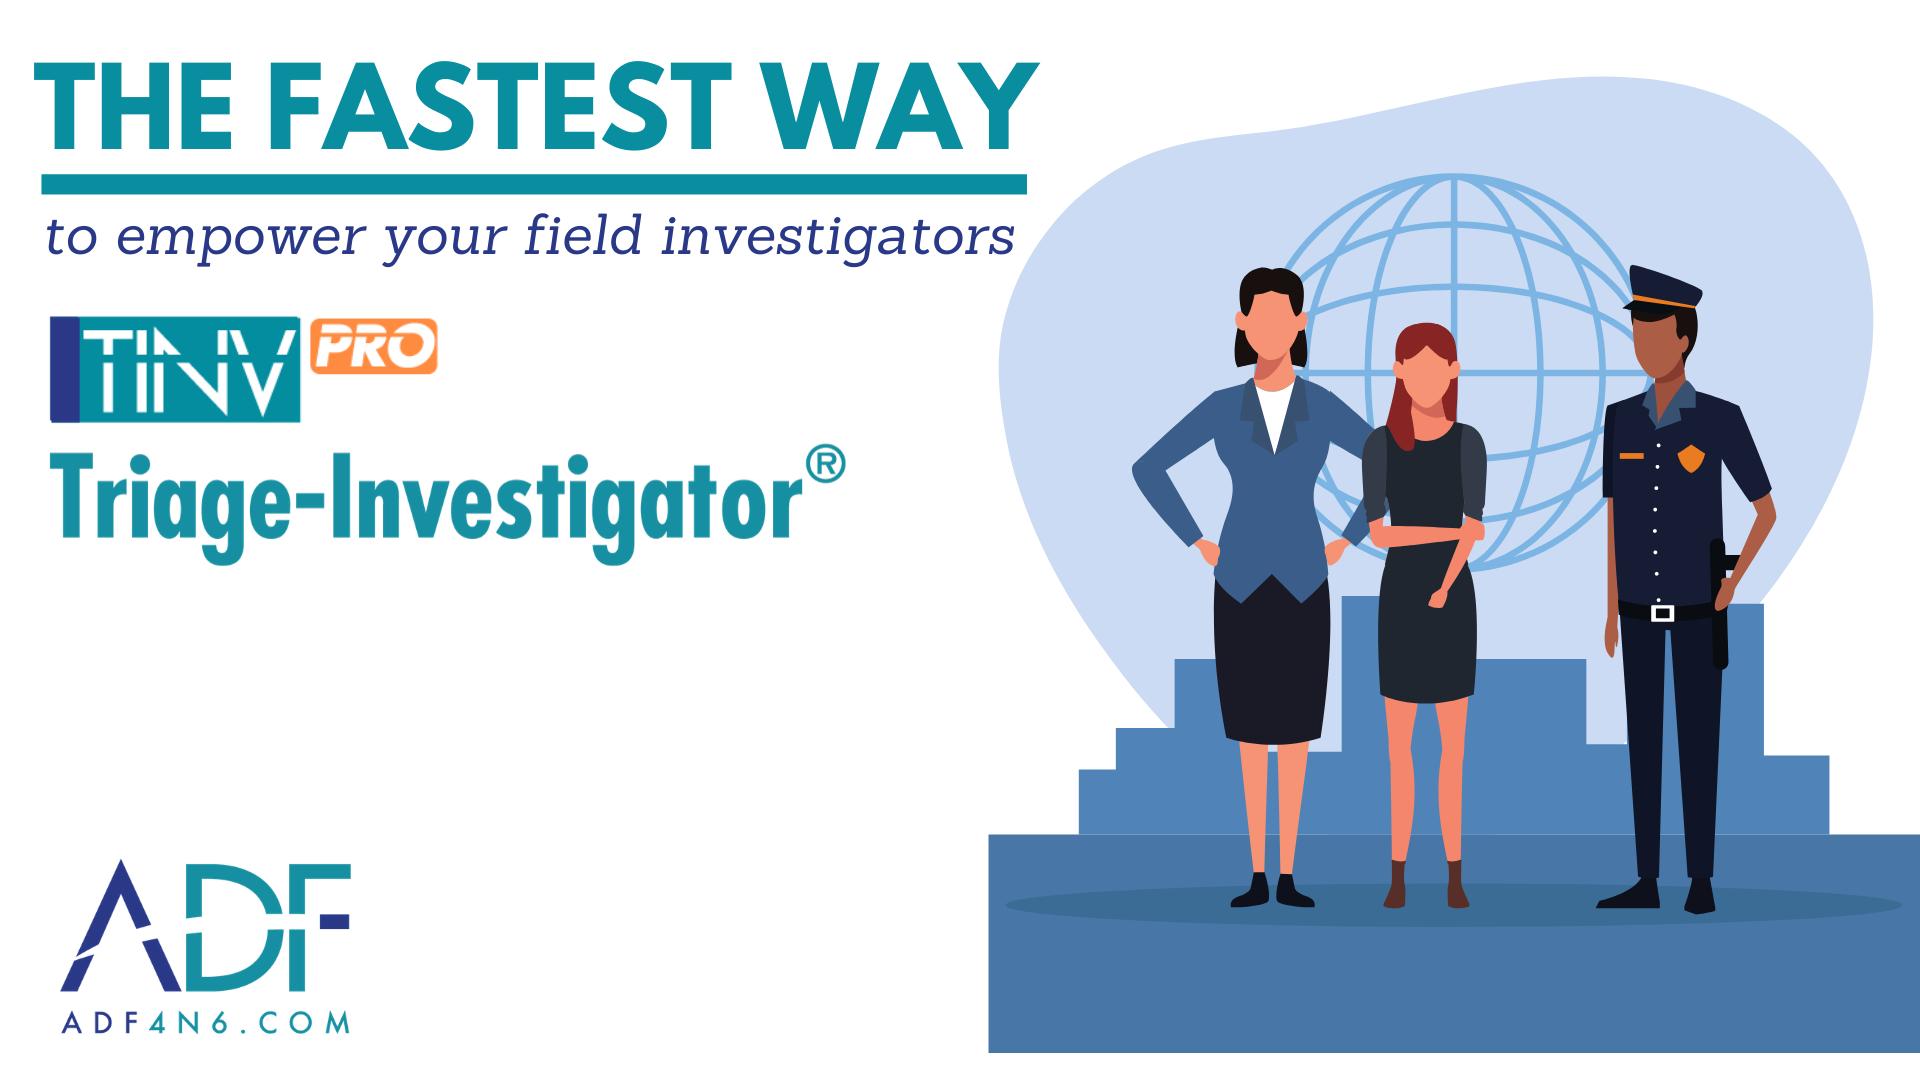 Intro to Triage-Investigator PRO - ADF